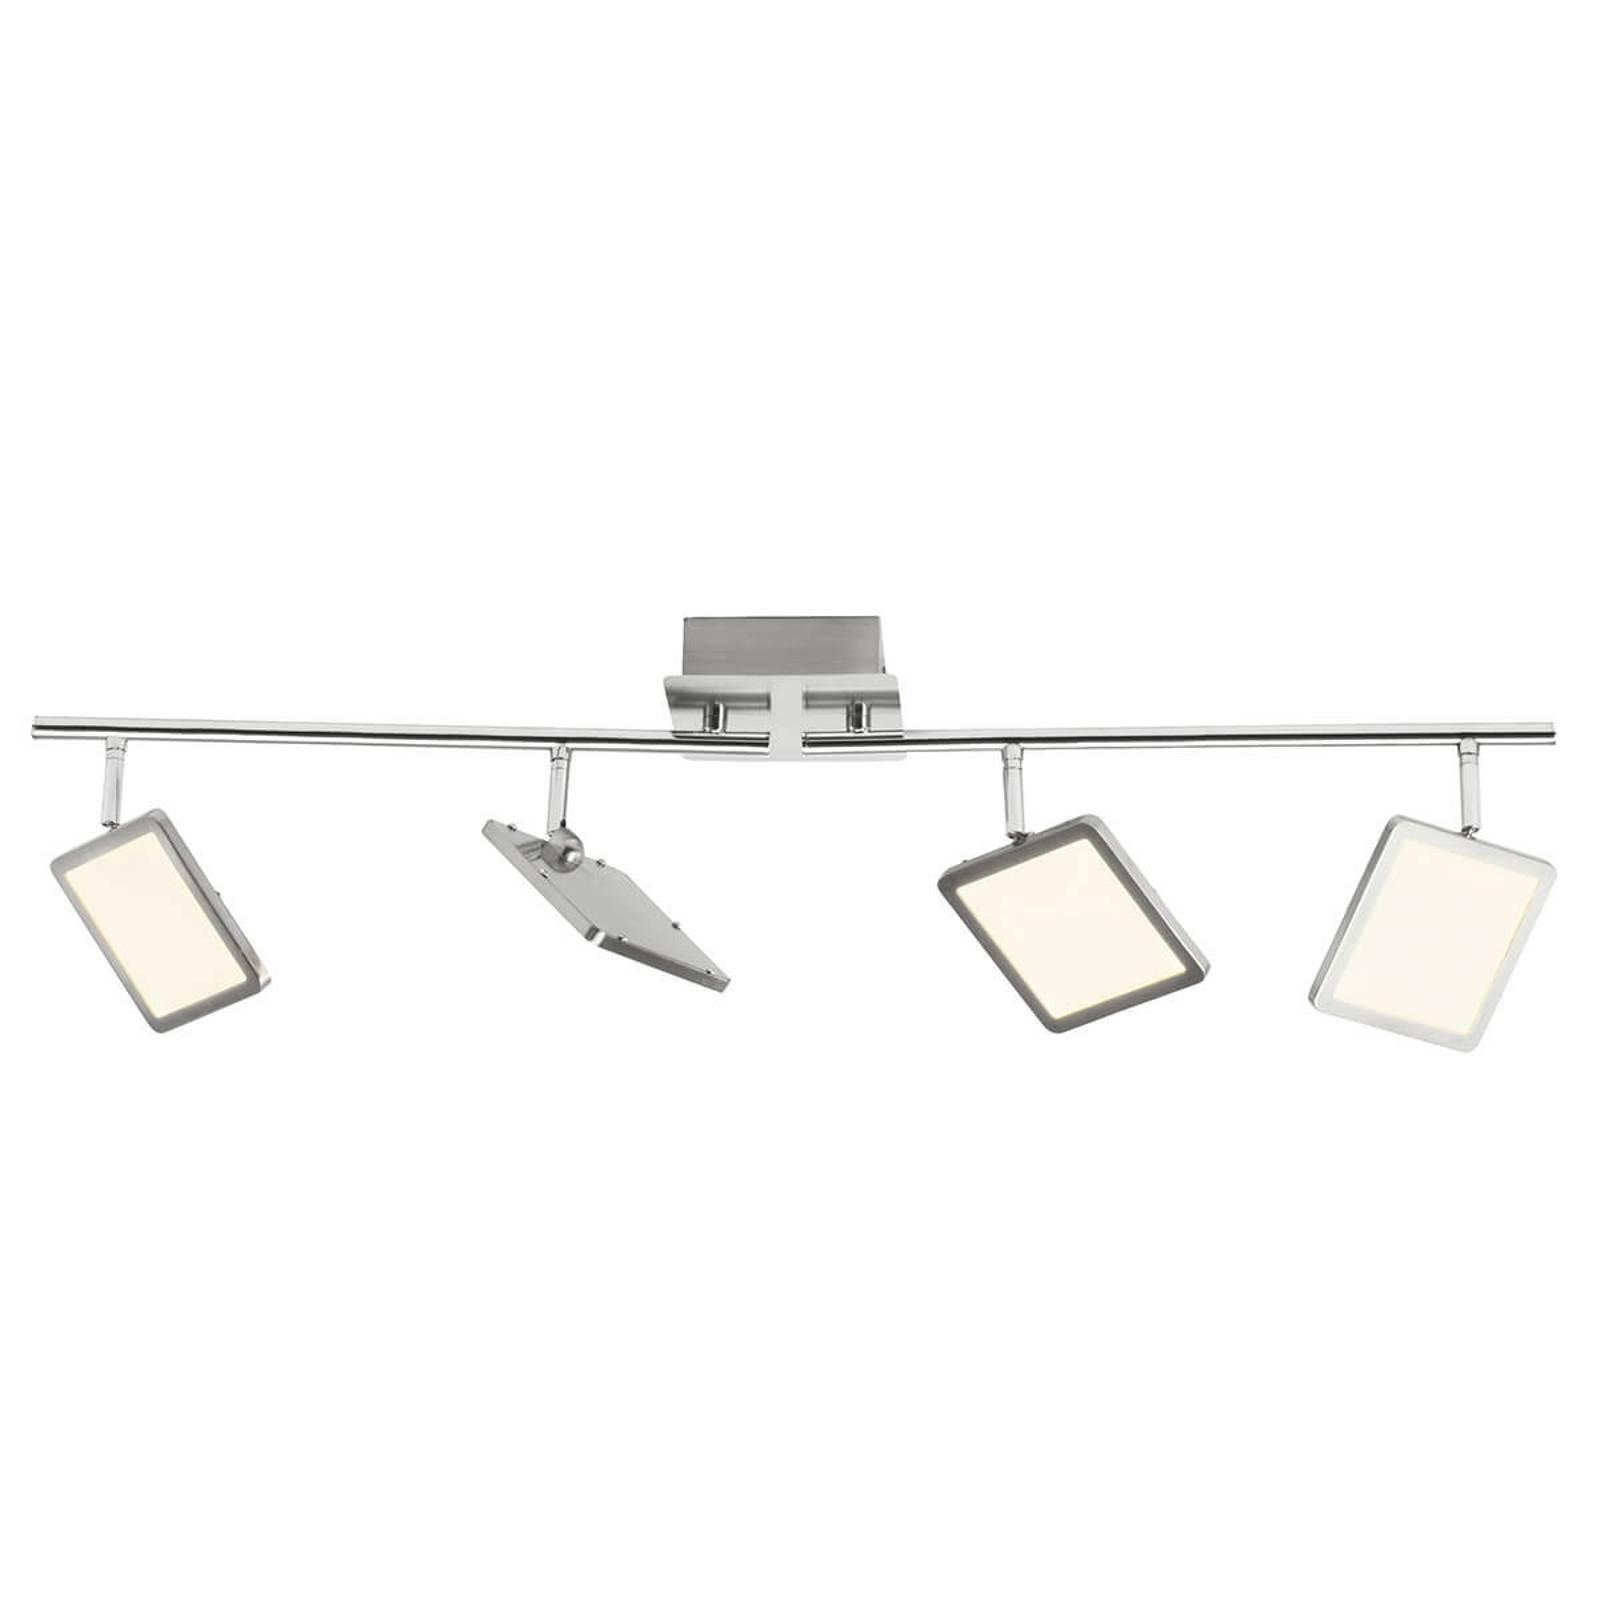 Plafonnier LED à 4 lampes Uranus, Easydim